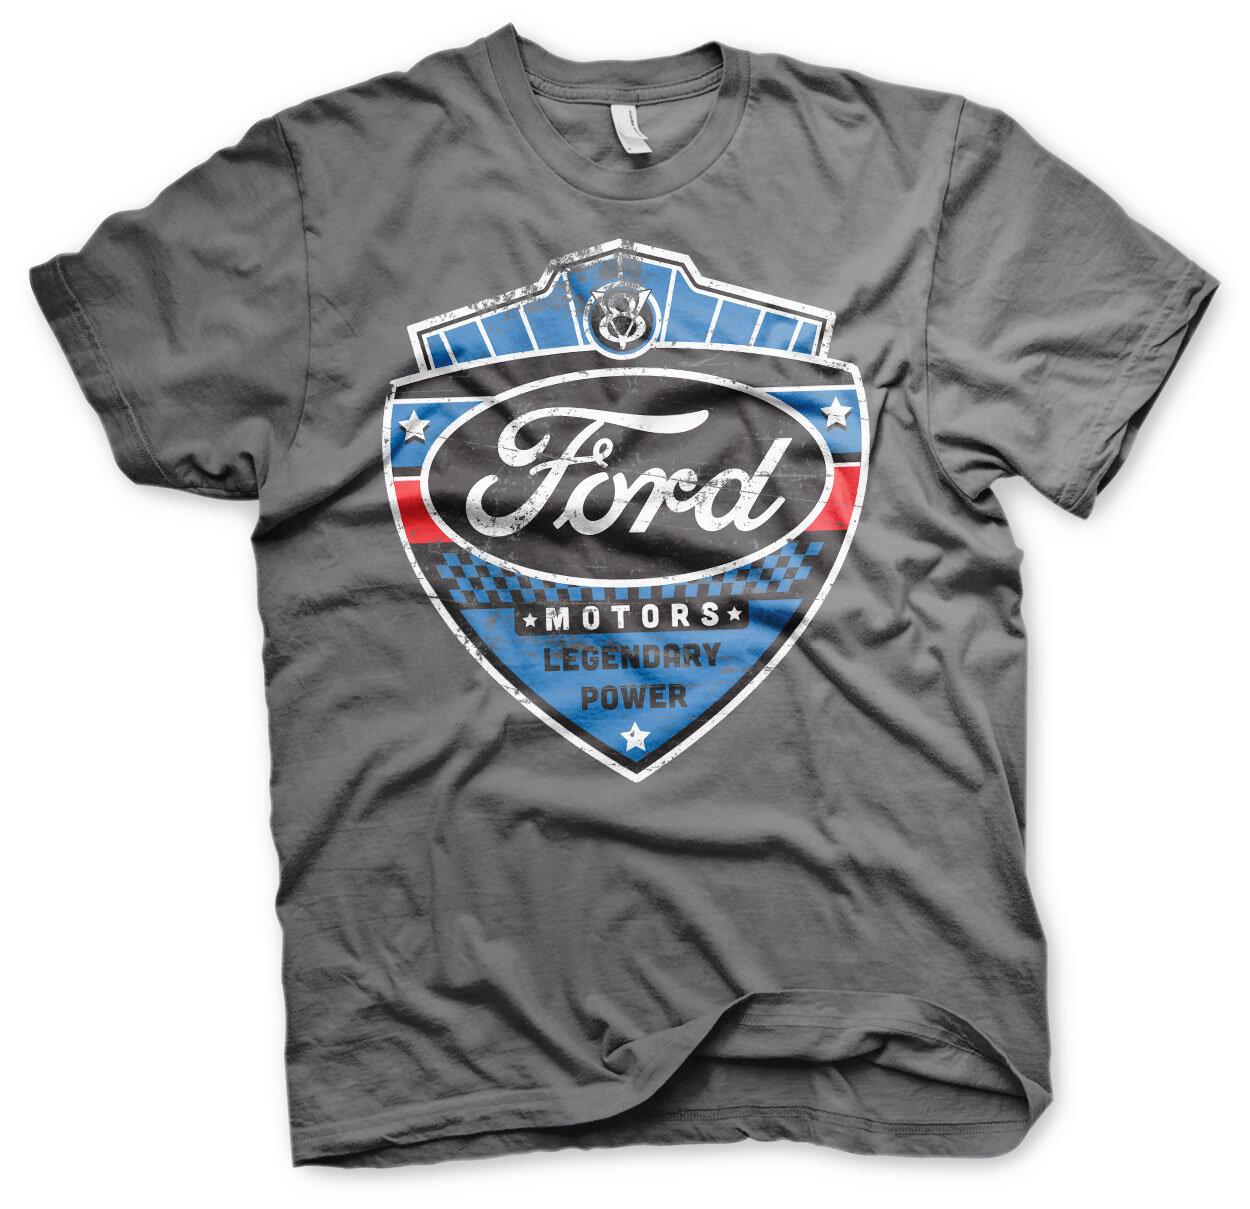 Ford - Legendary Power T-Shirt